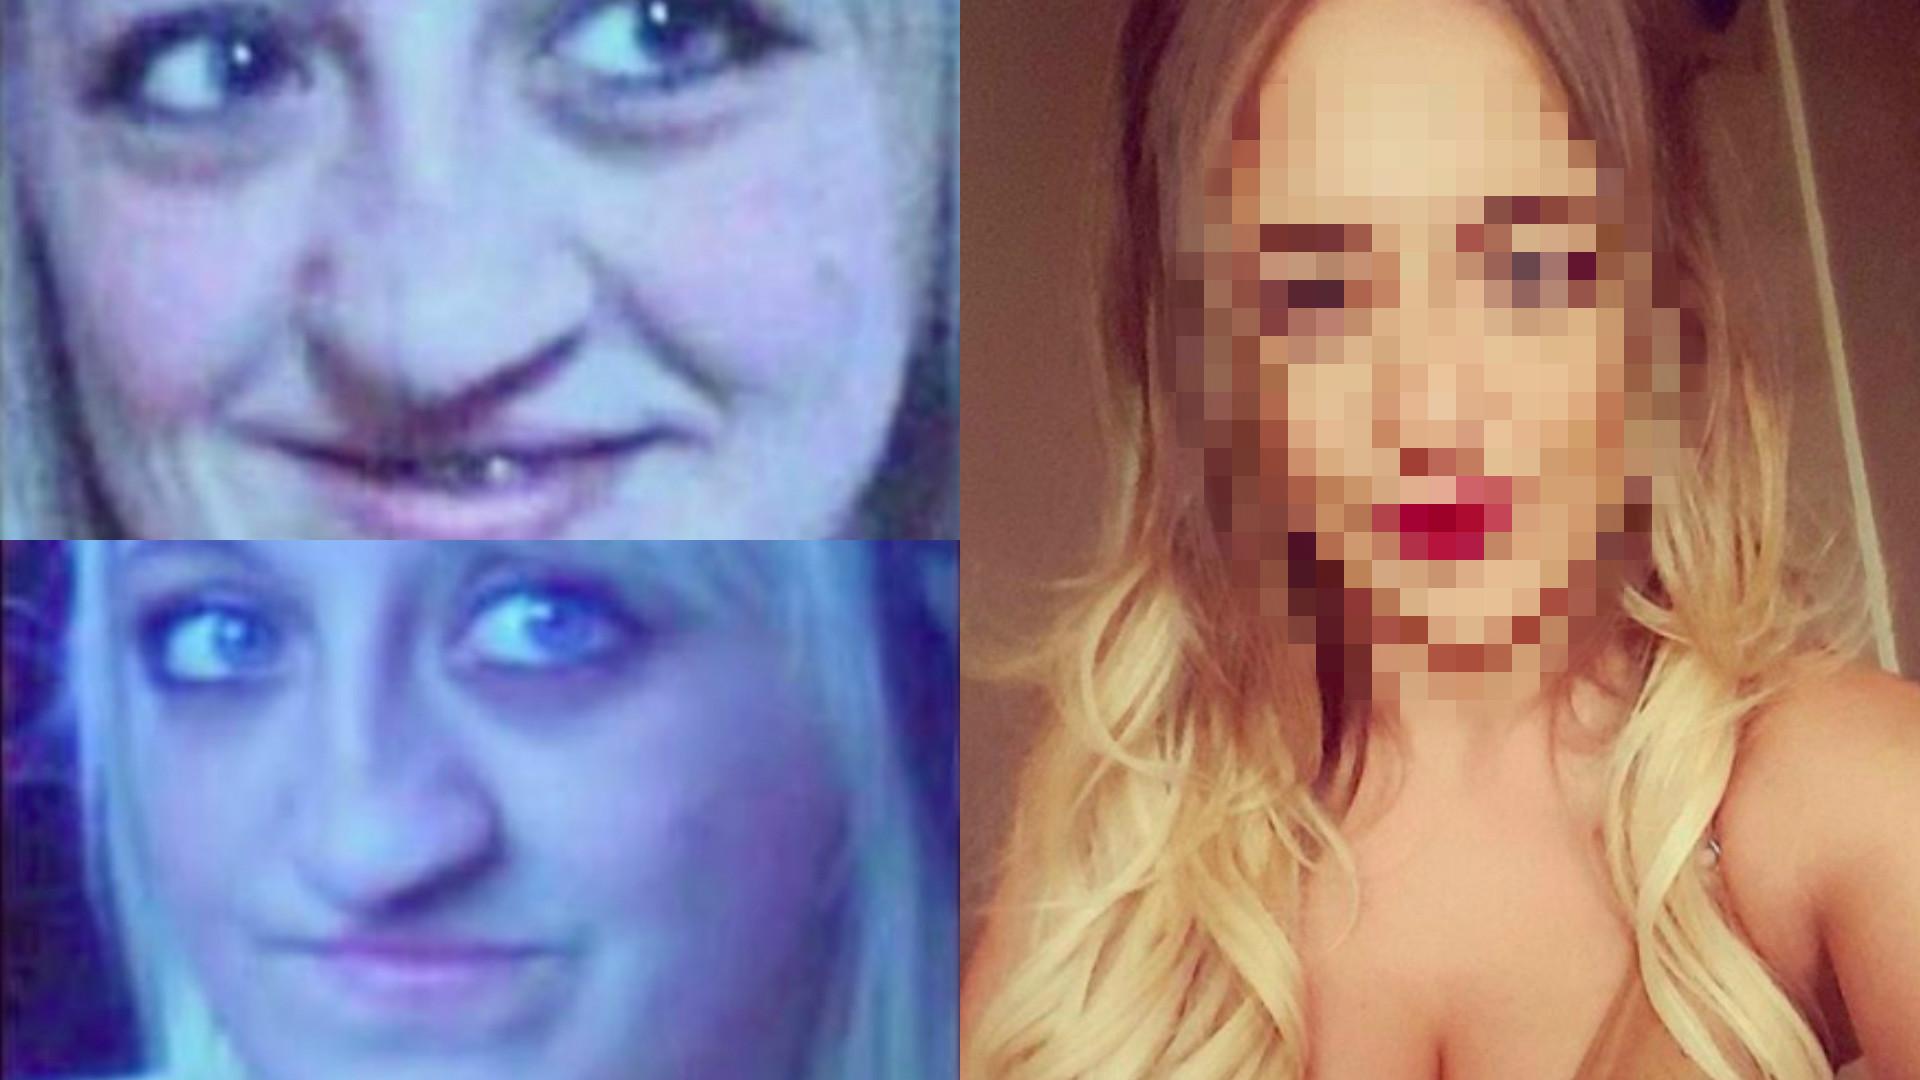 Laura Hawkes zoperowała rozszczepioną twarz